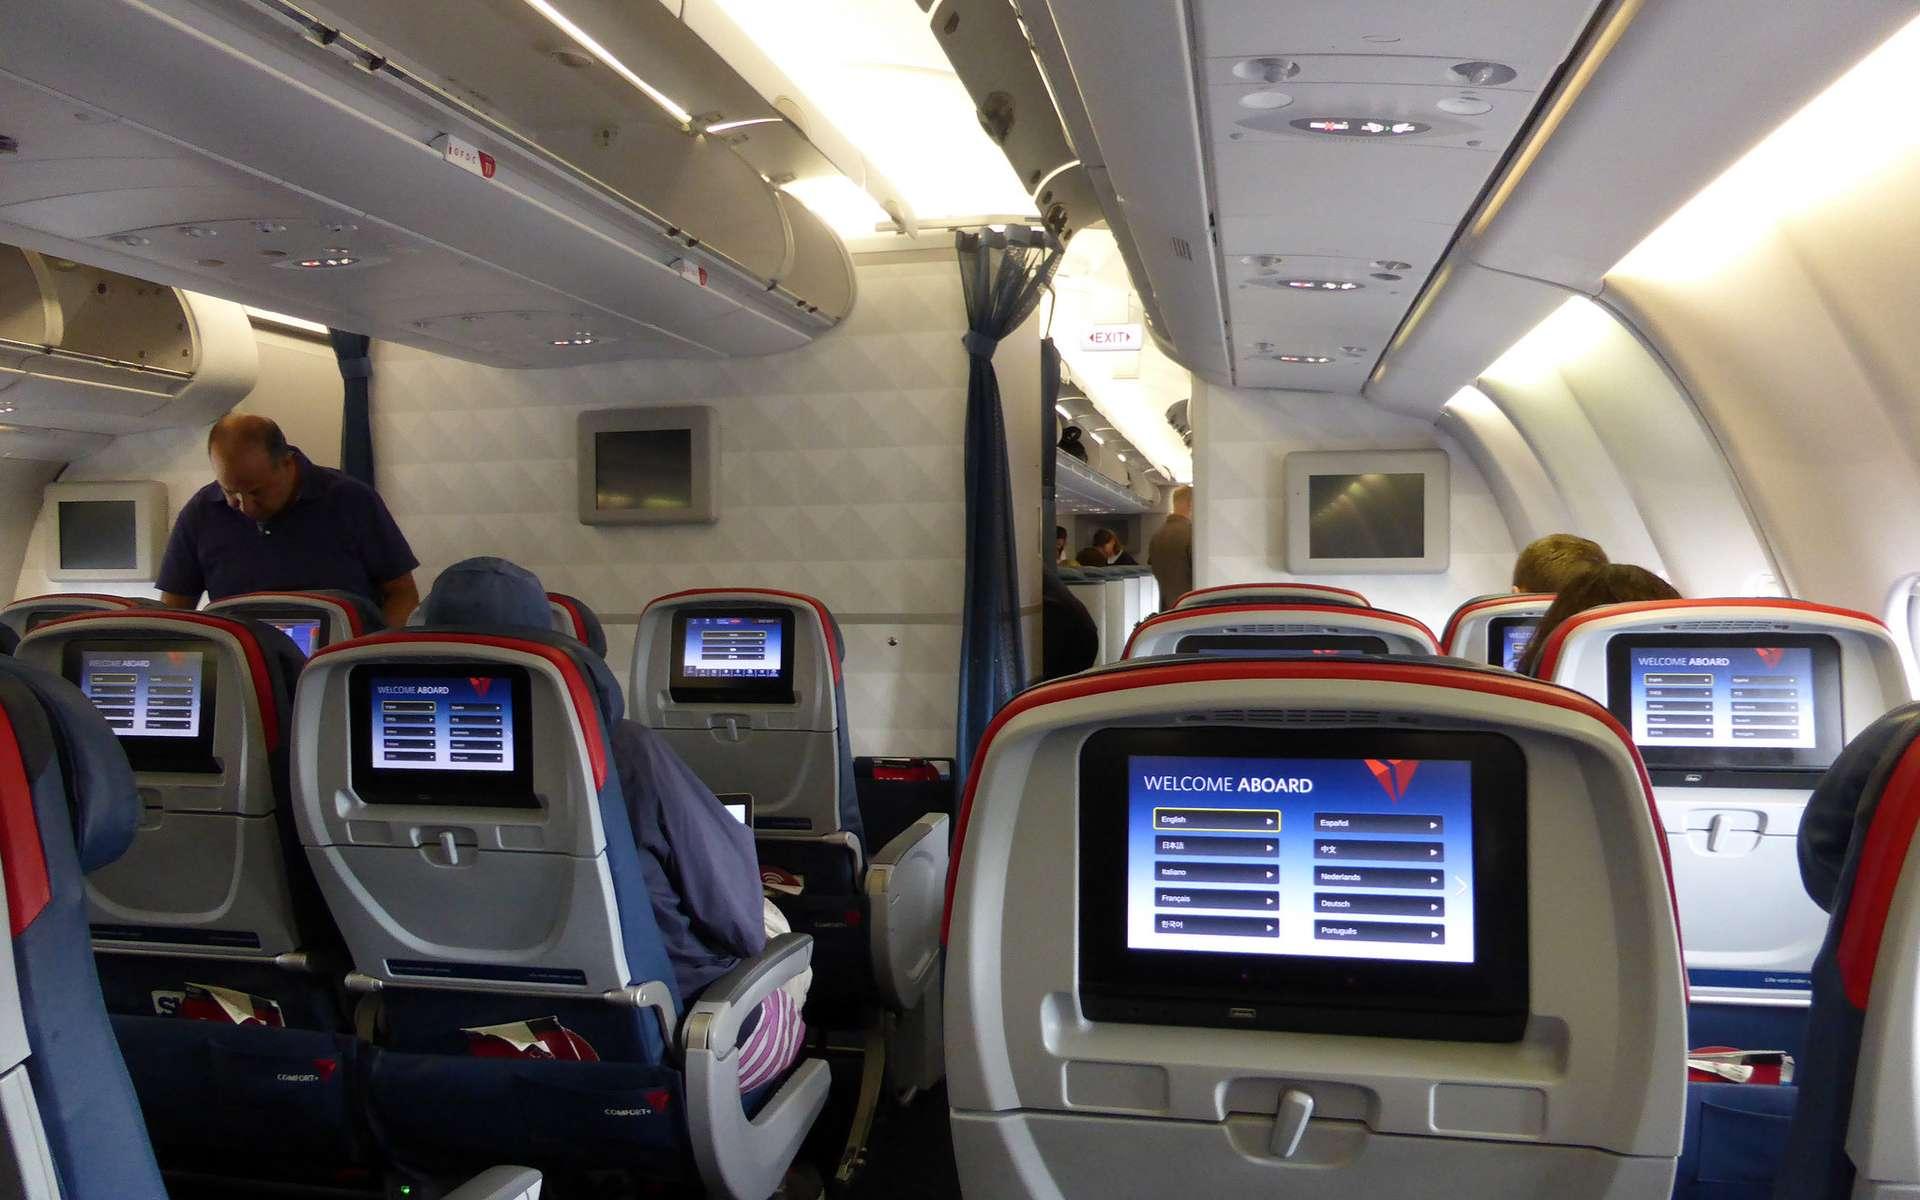 Utilitaires ou de loisirs, les systèmes embarqués sont nombreux dans les avions. © Citizen59, Flickr, CC by-sa 2.0